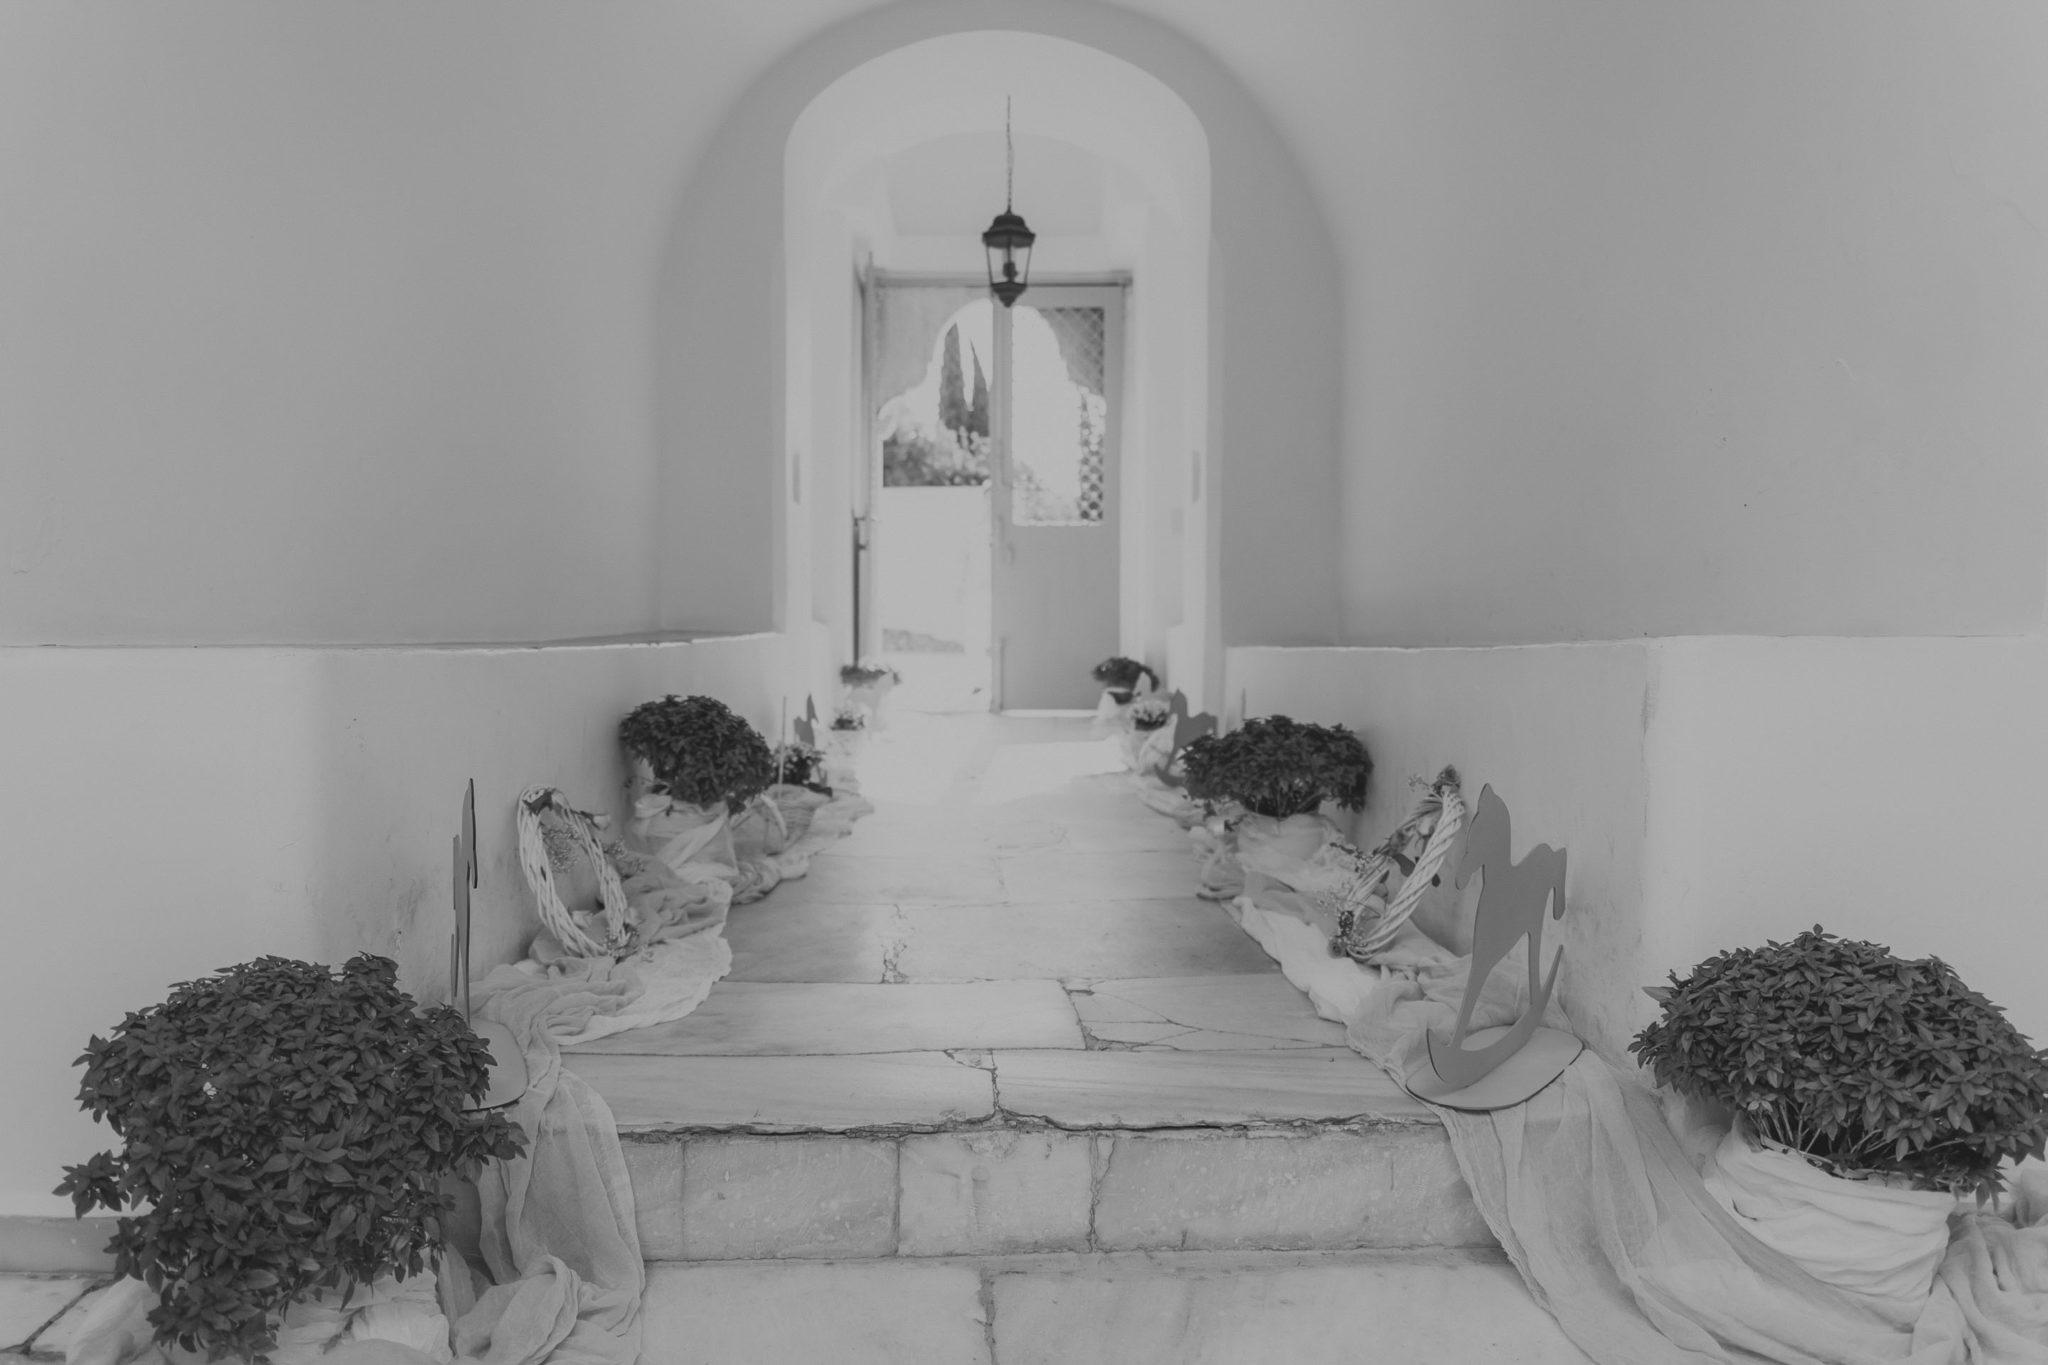 043 PhotoVaptisisgr vaptisi spetses moro koritsi baptism spetsesisland church